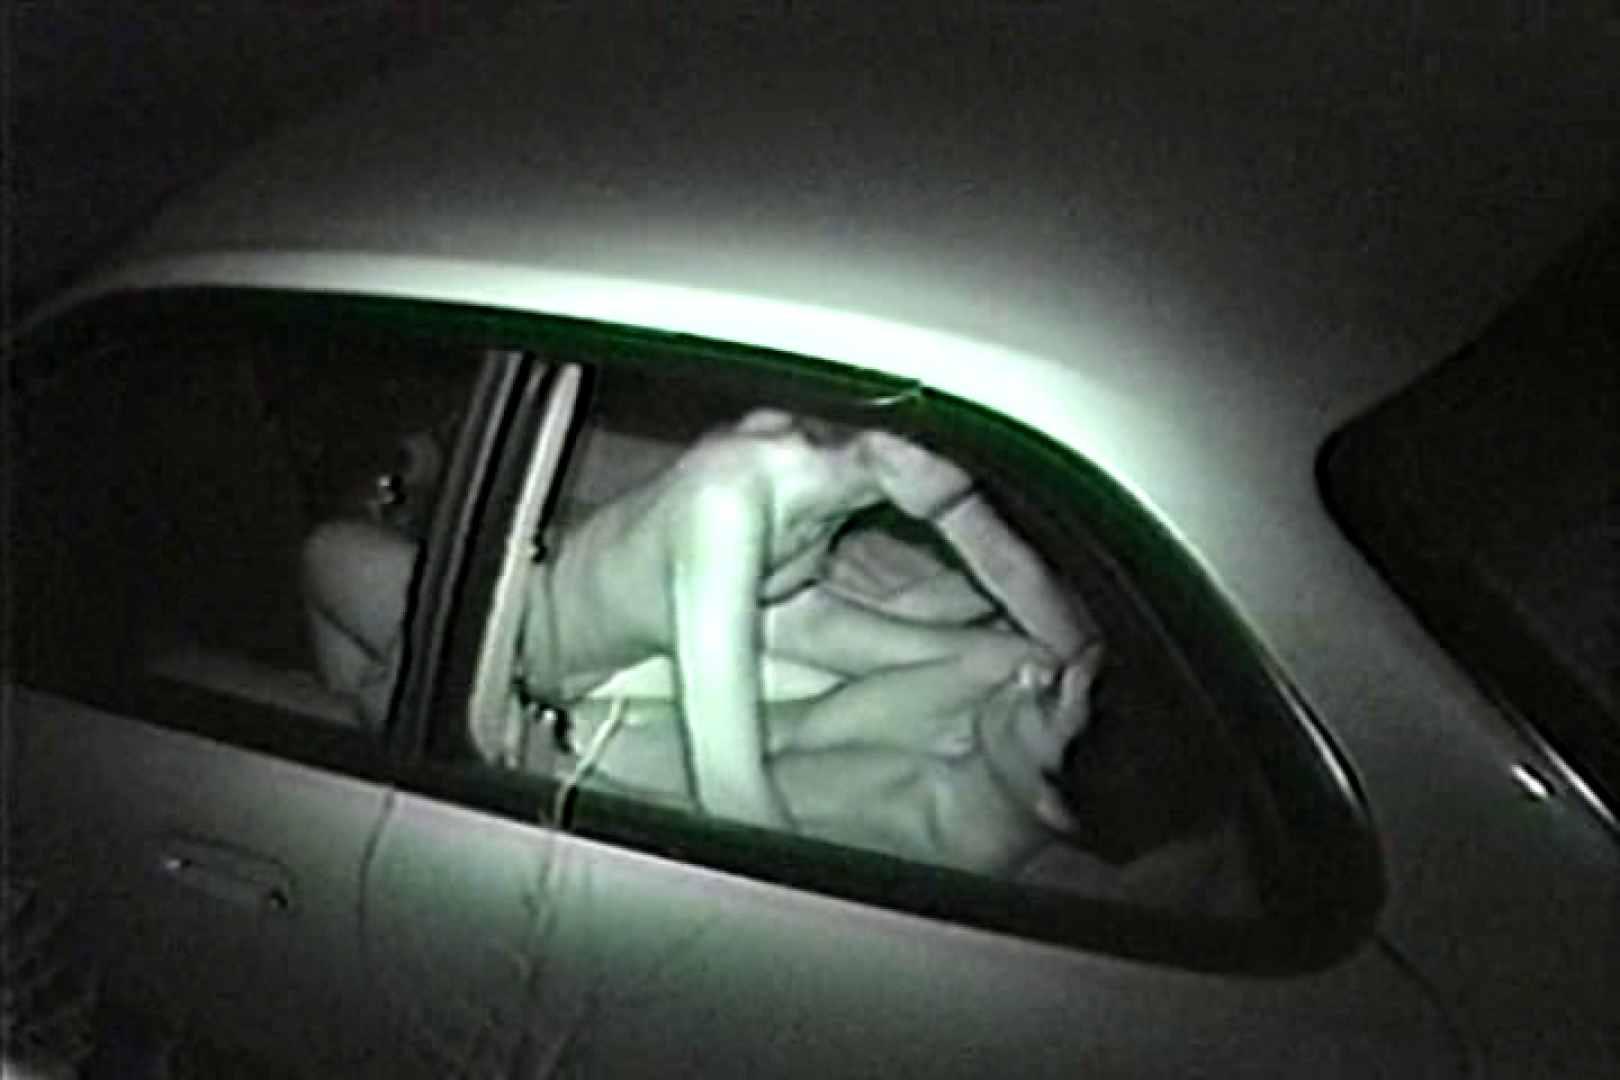 車の中はラブホテル 無修正版  Vol.7 セックス ぱこり動画紹介 81pic 4